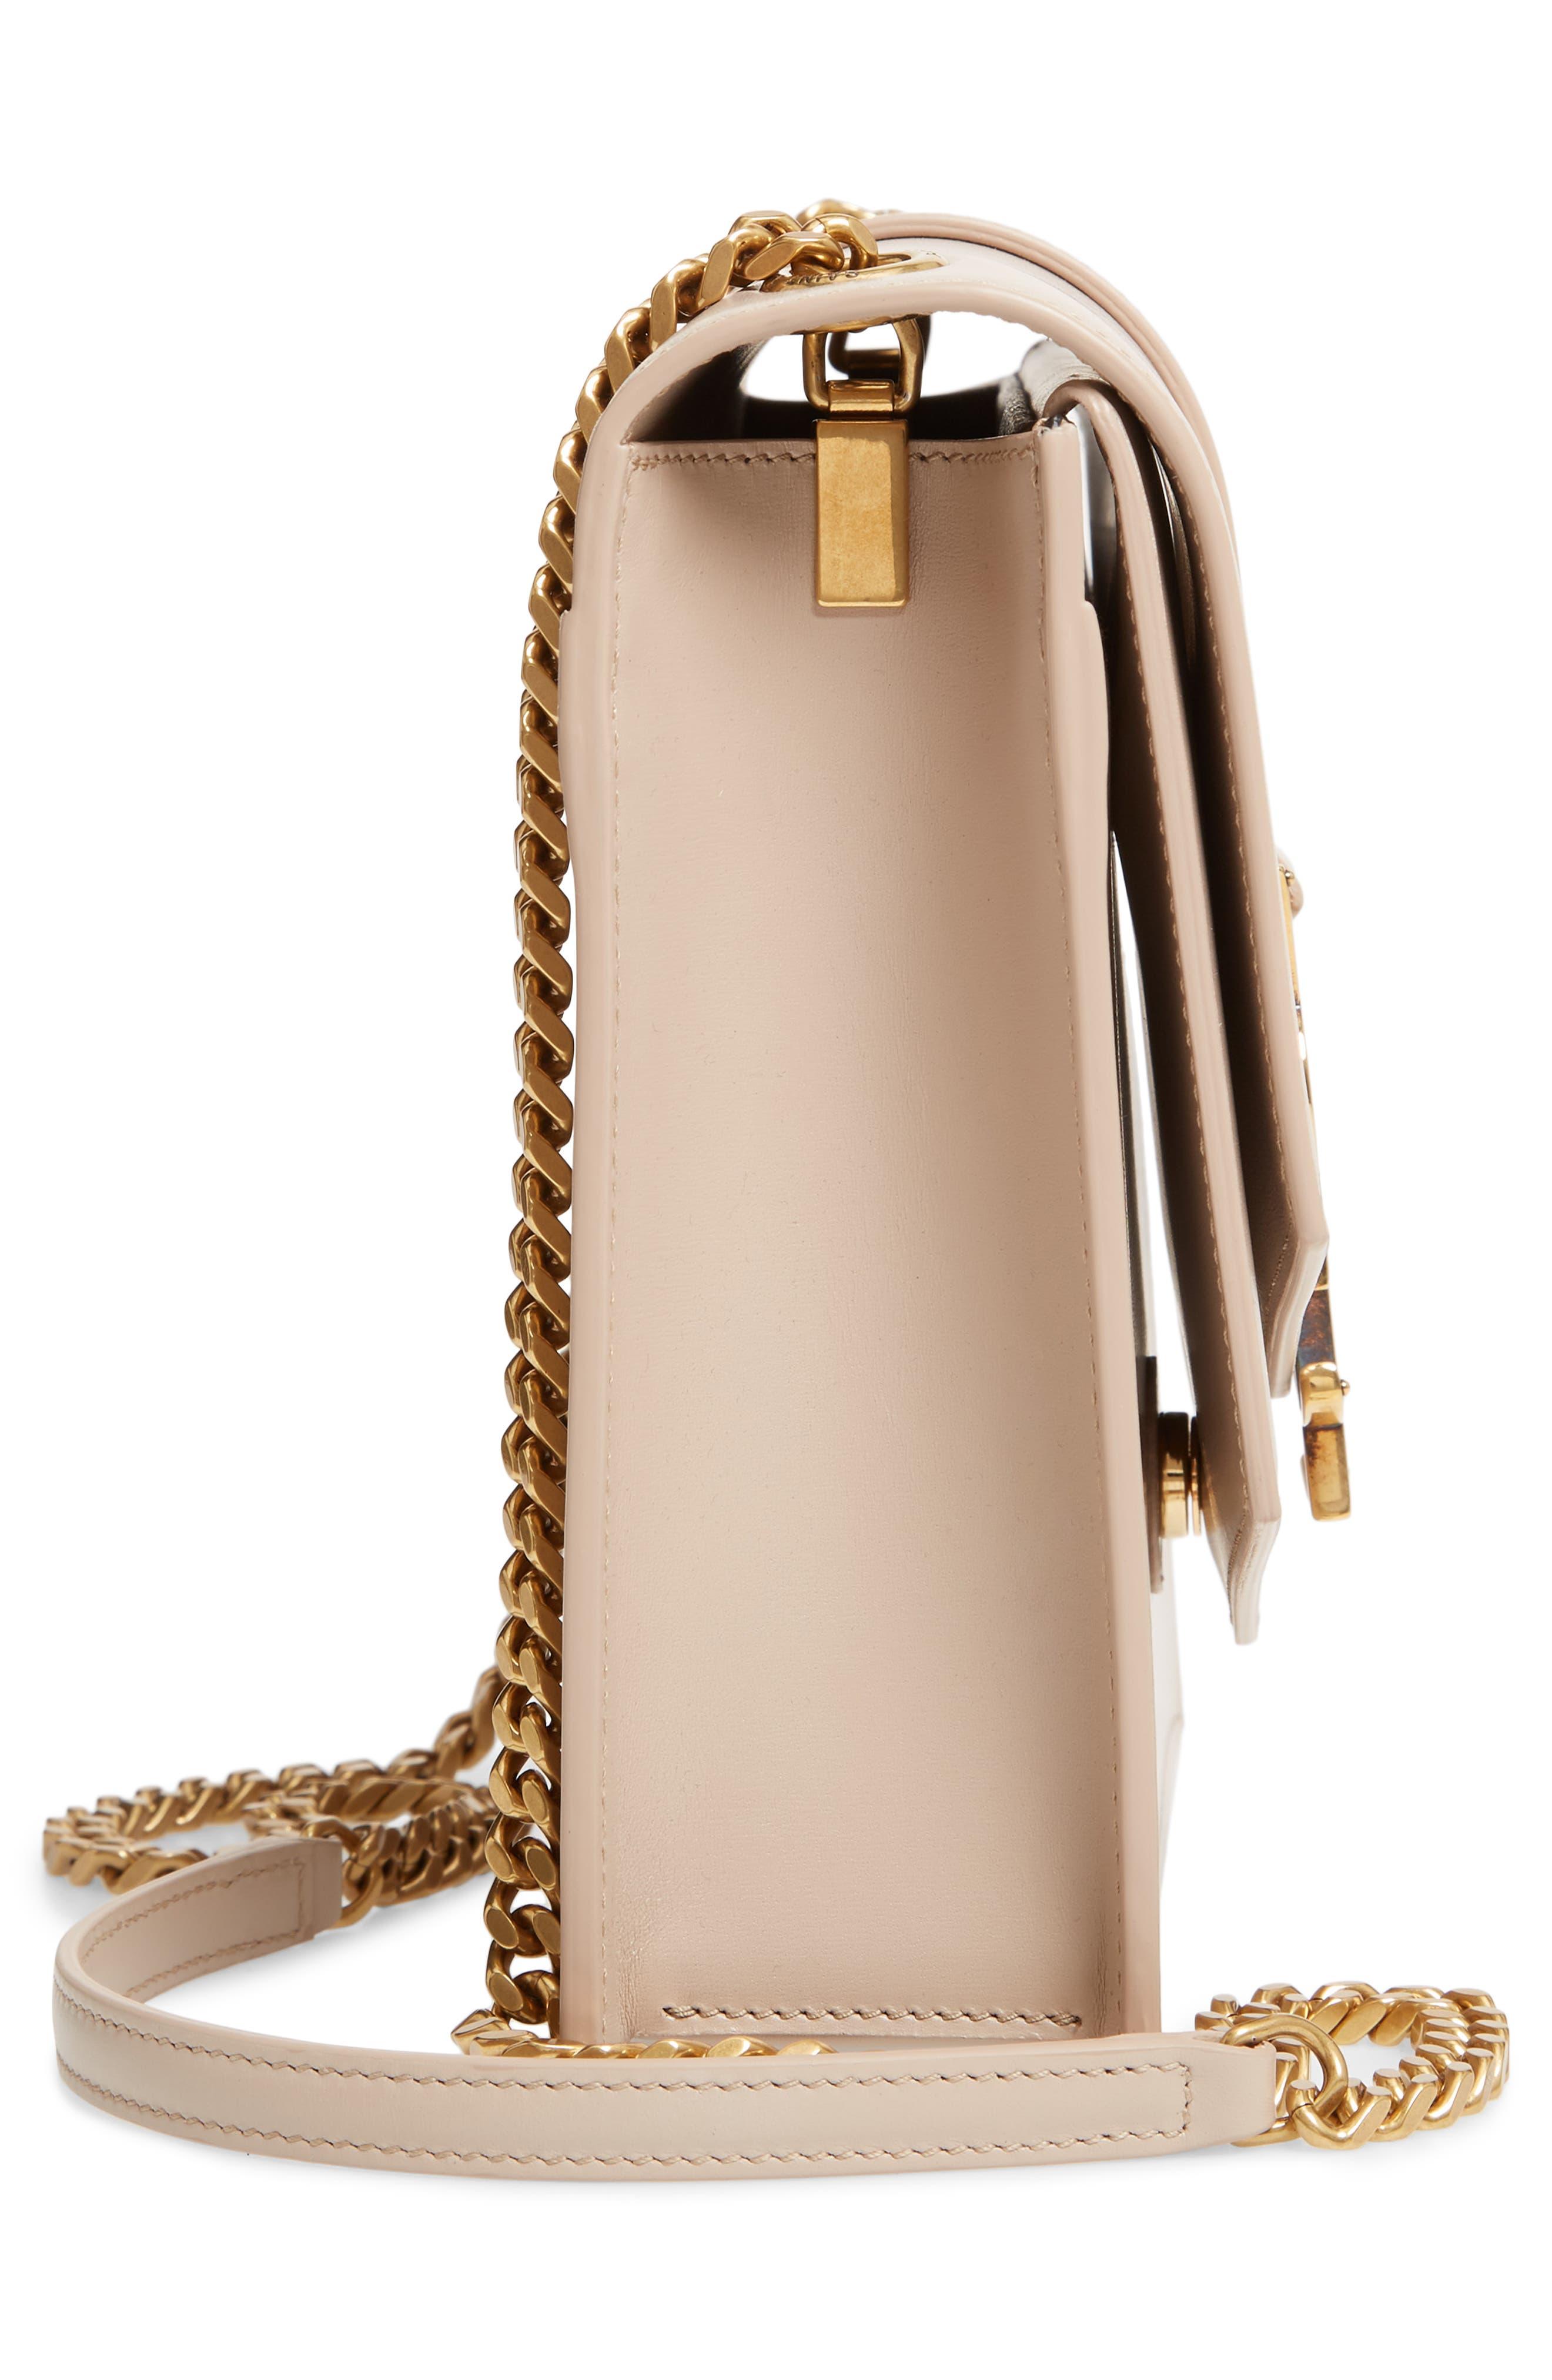 Sulpice Leather Shoulder Bag,                             Alternate thumbnail 5, color,                             LIGHT NATURAL